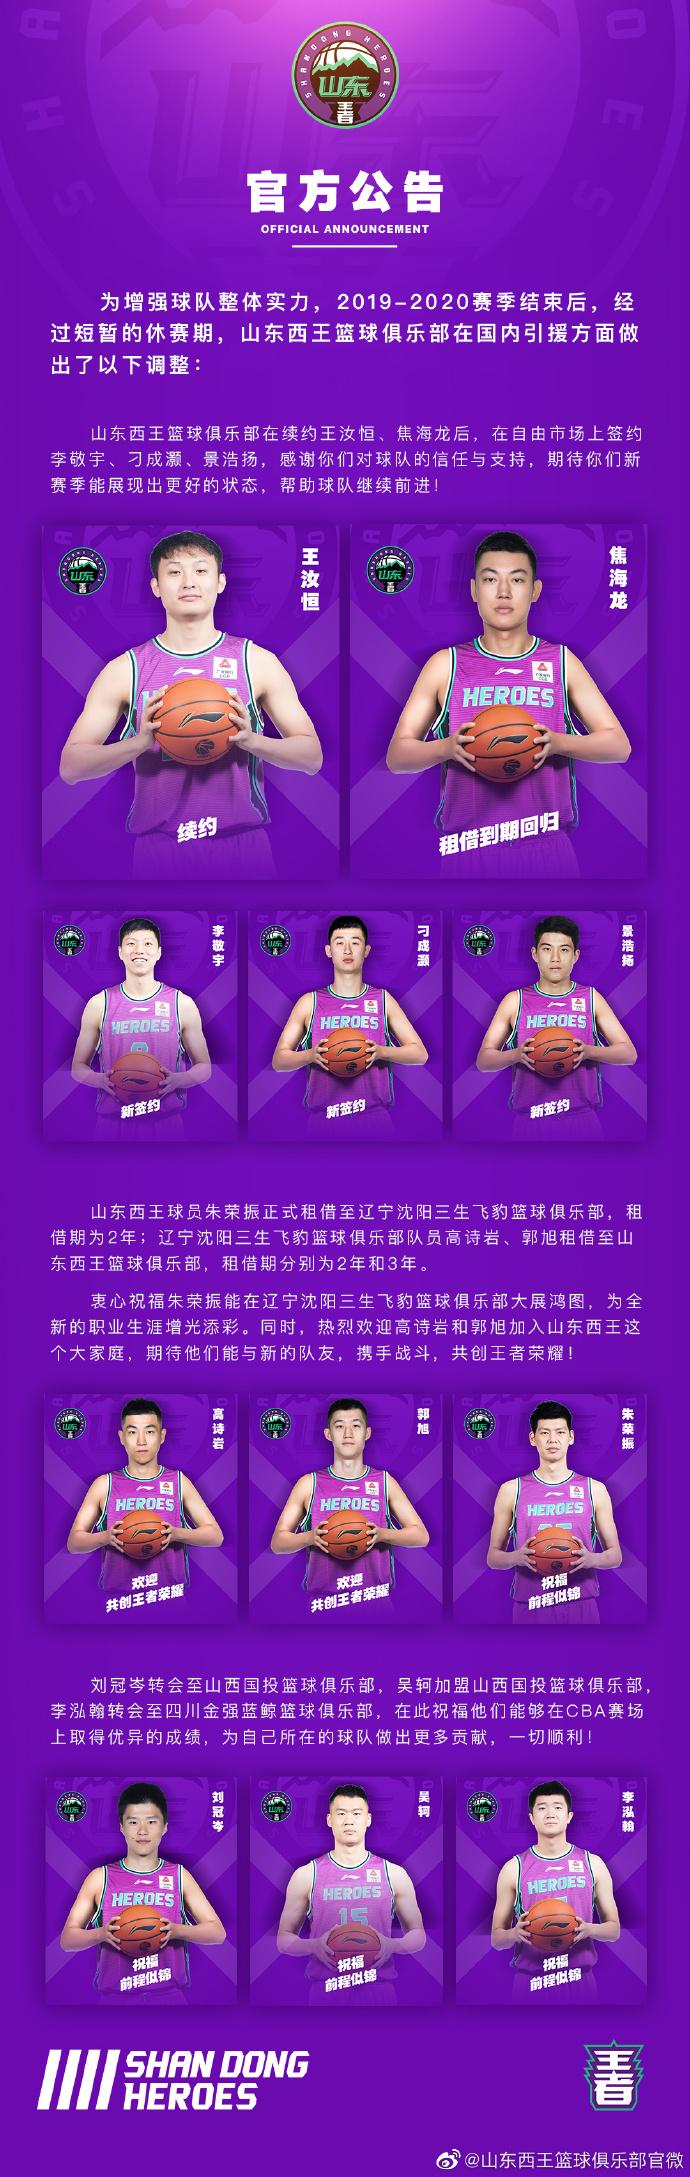 辽宁男篮球员高诗岩、郭旭与山东男篮球员朱荣振完成互换租借